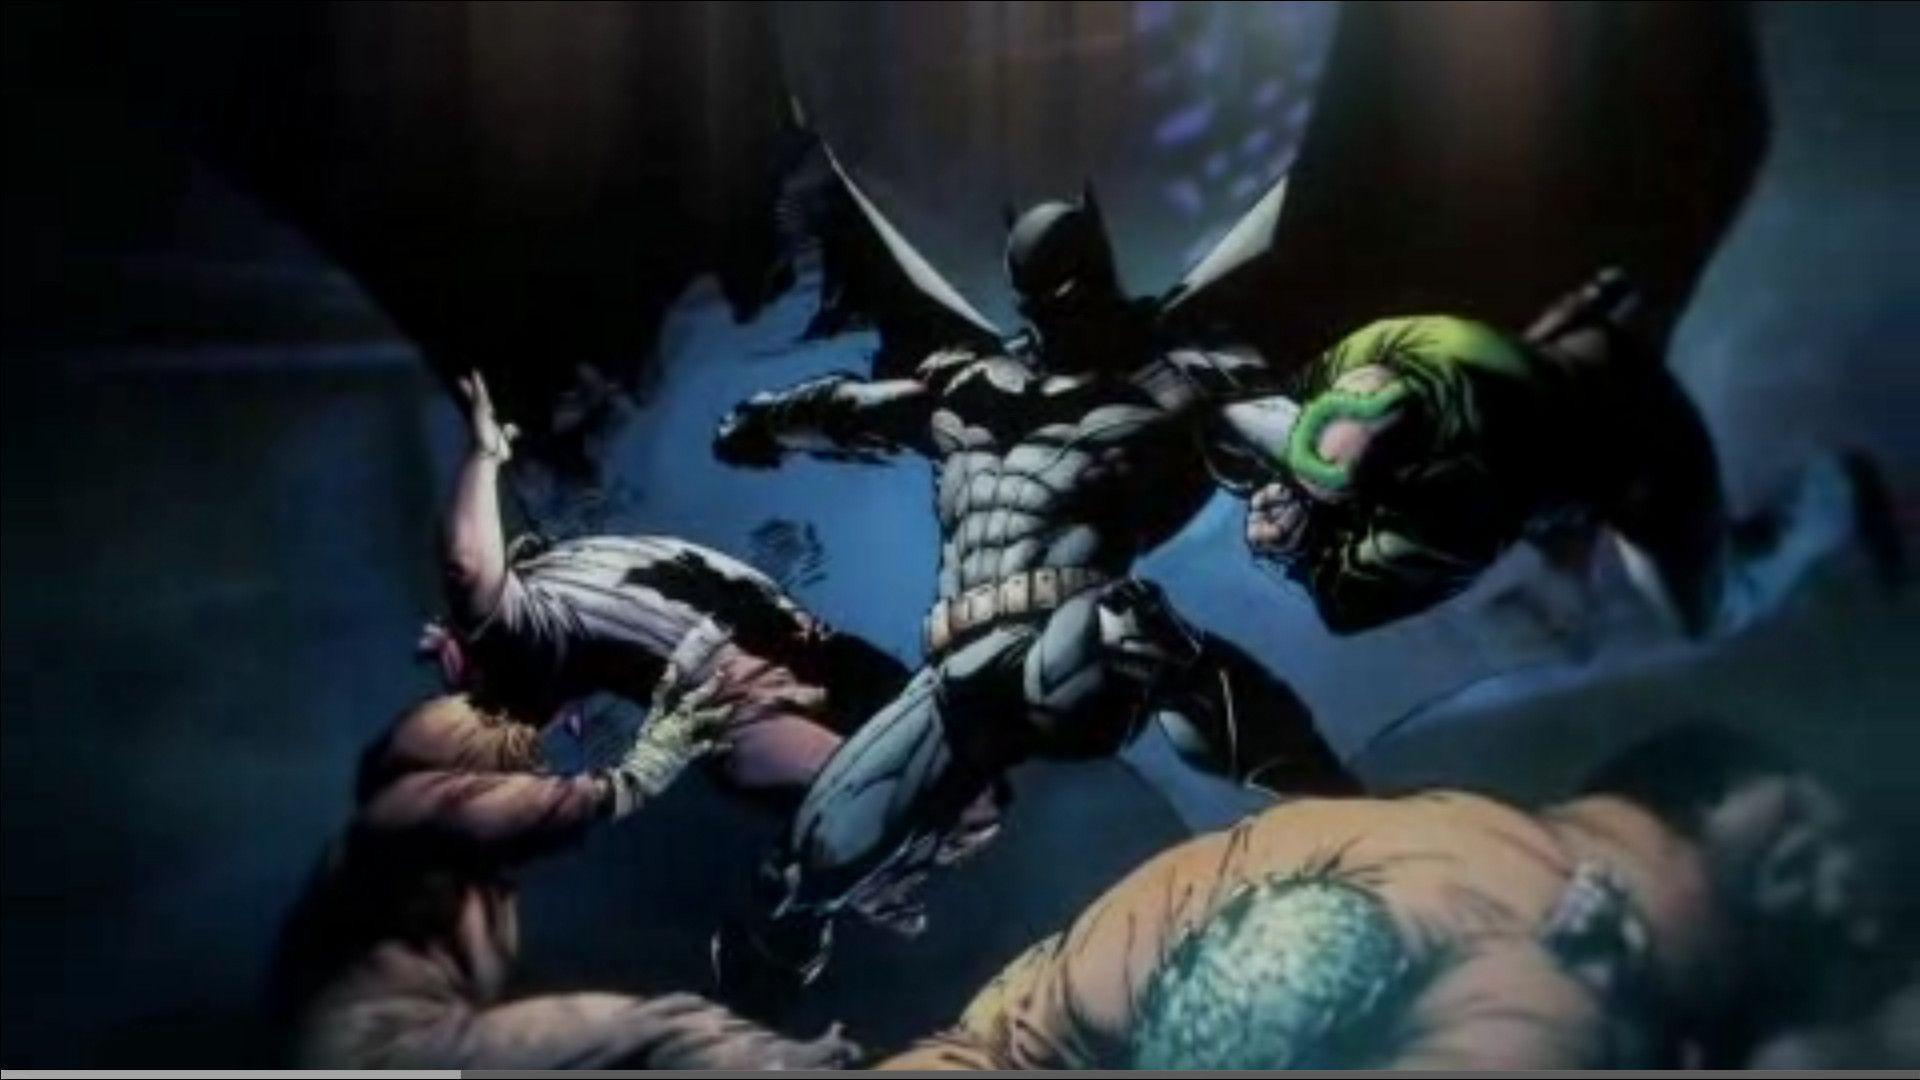 New 52 batman wallpaper 70 images - New 52 wallpaper ...